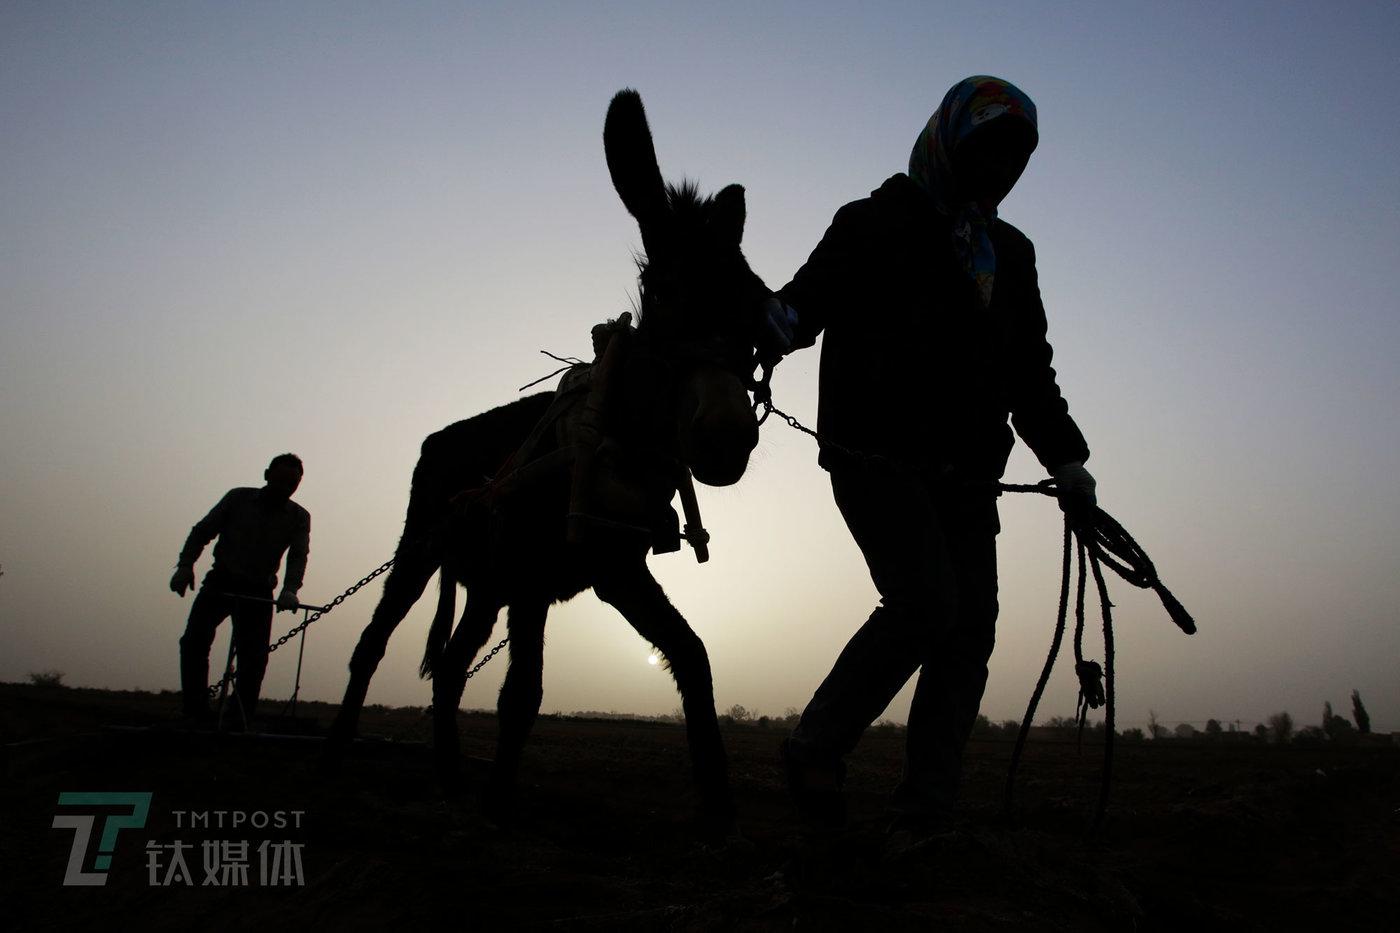 5月16日早上06:15,天刚亮不久,薛志明和妻子就已经赶着毛驴下地了。